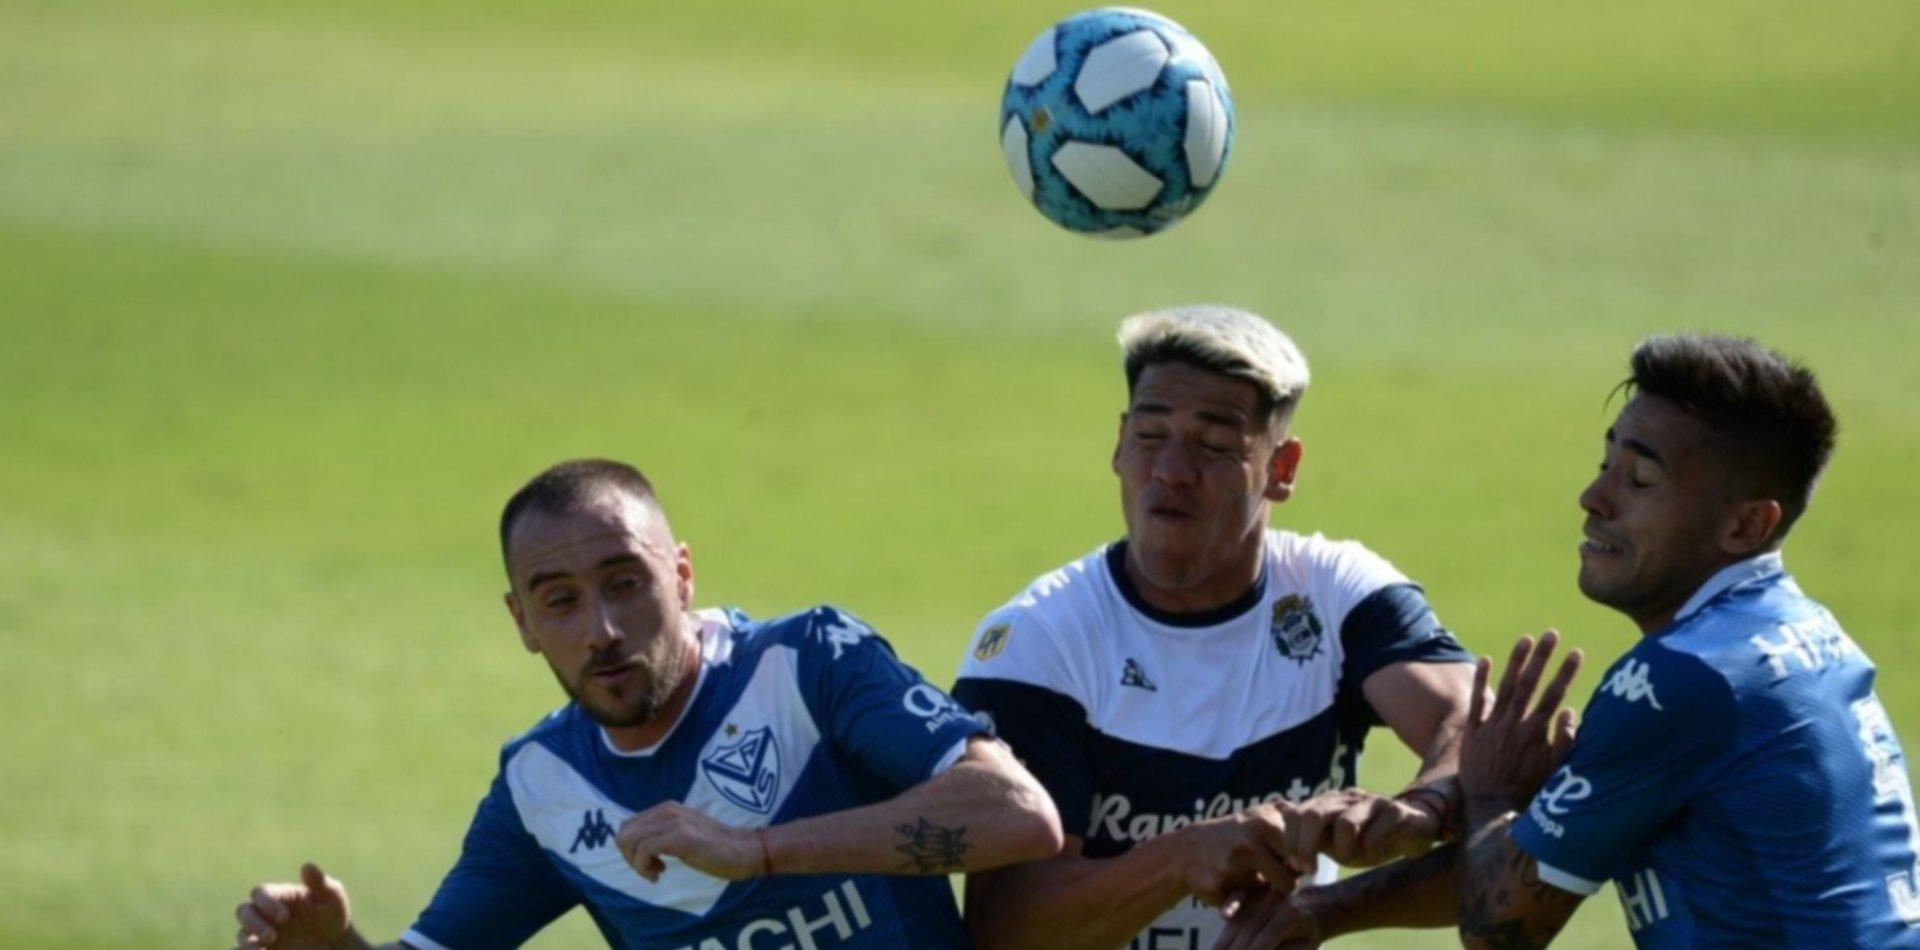 El partido de Gimnasia contra Vélez se pasó para el sábado